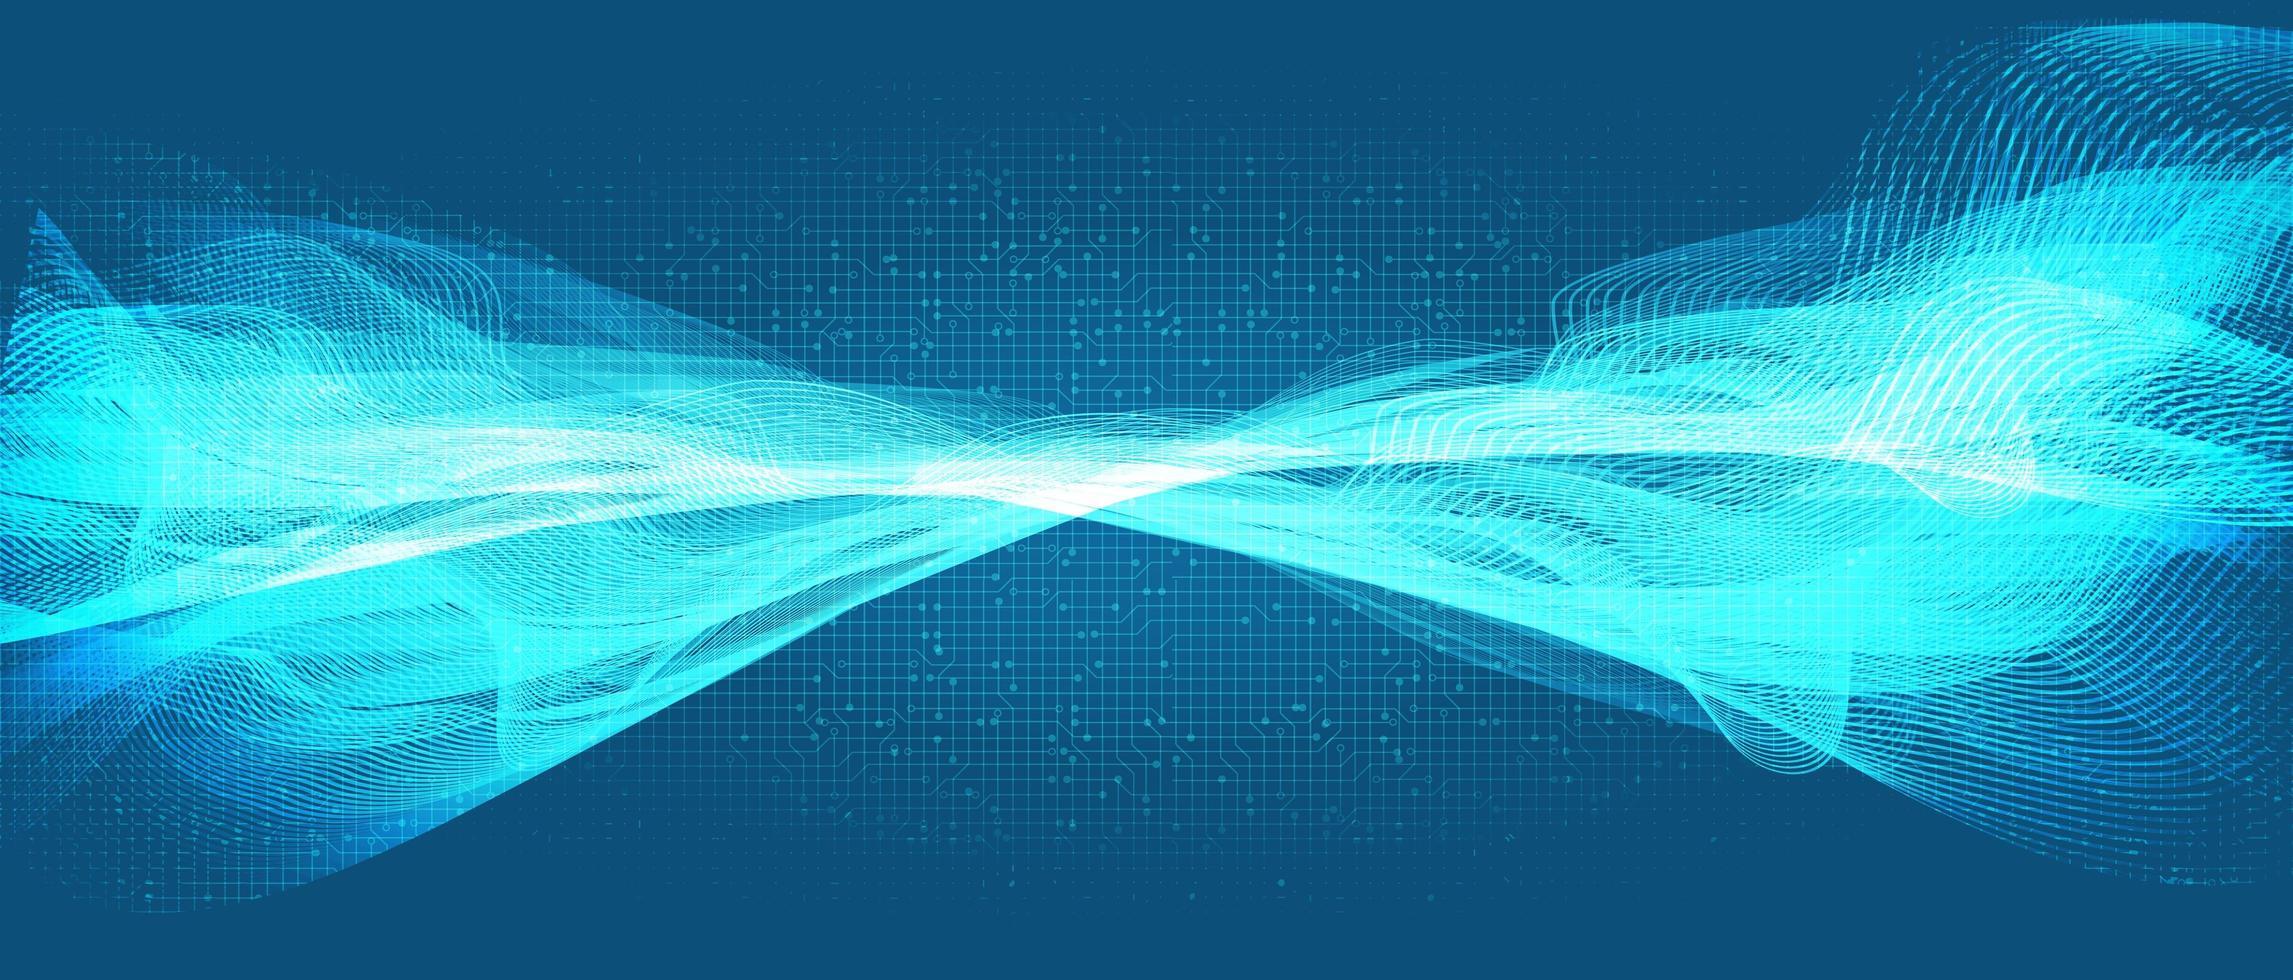 moderne Schallwellentechnologie und Erdbebenwellen- und Wellenkonzept, Entwurf für Musikstudio und Wissenschaft, Vektorillustration. vektor